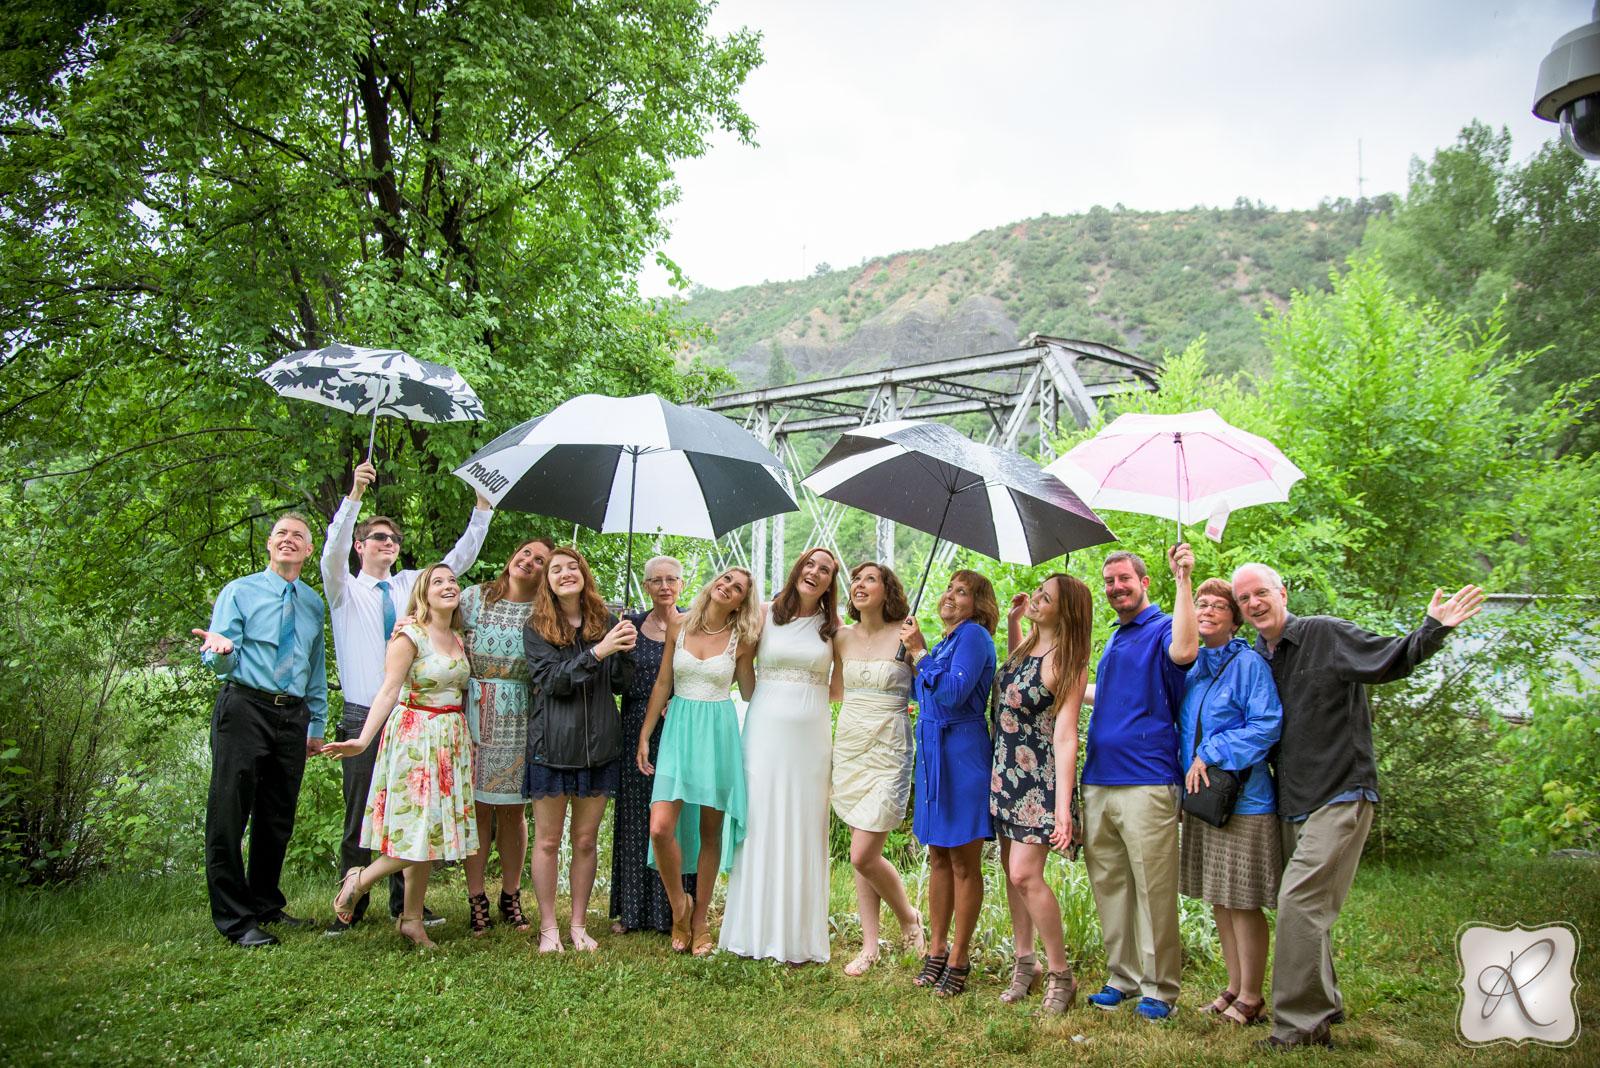 Durango Colorado - umbrellas